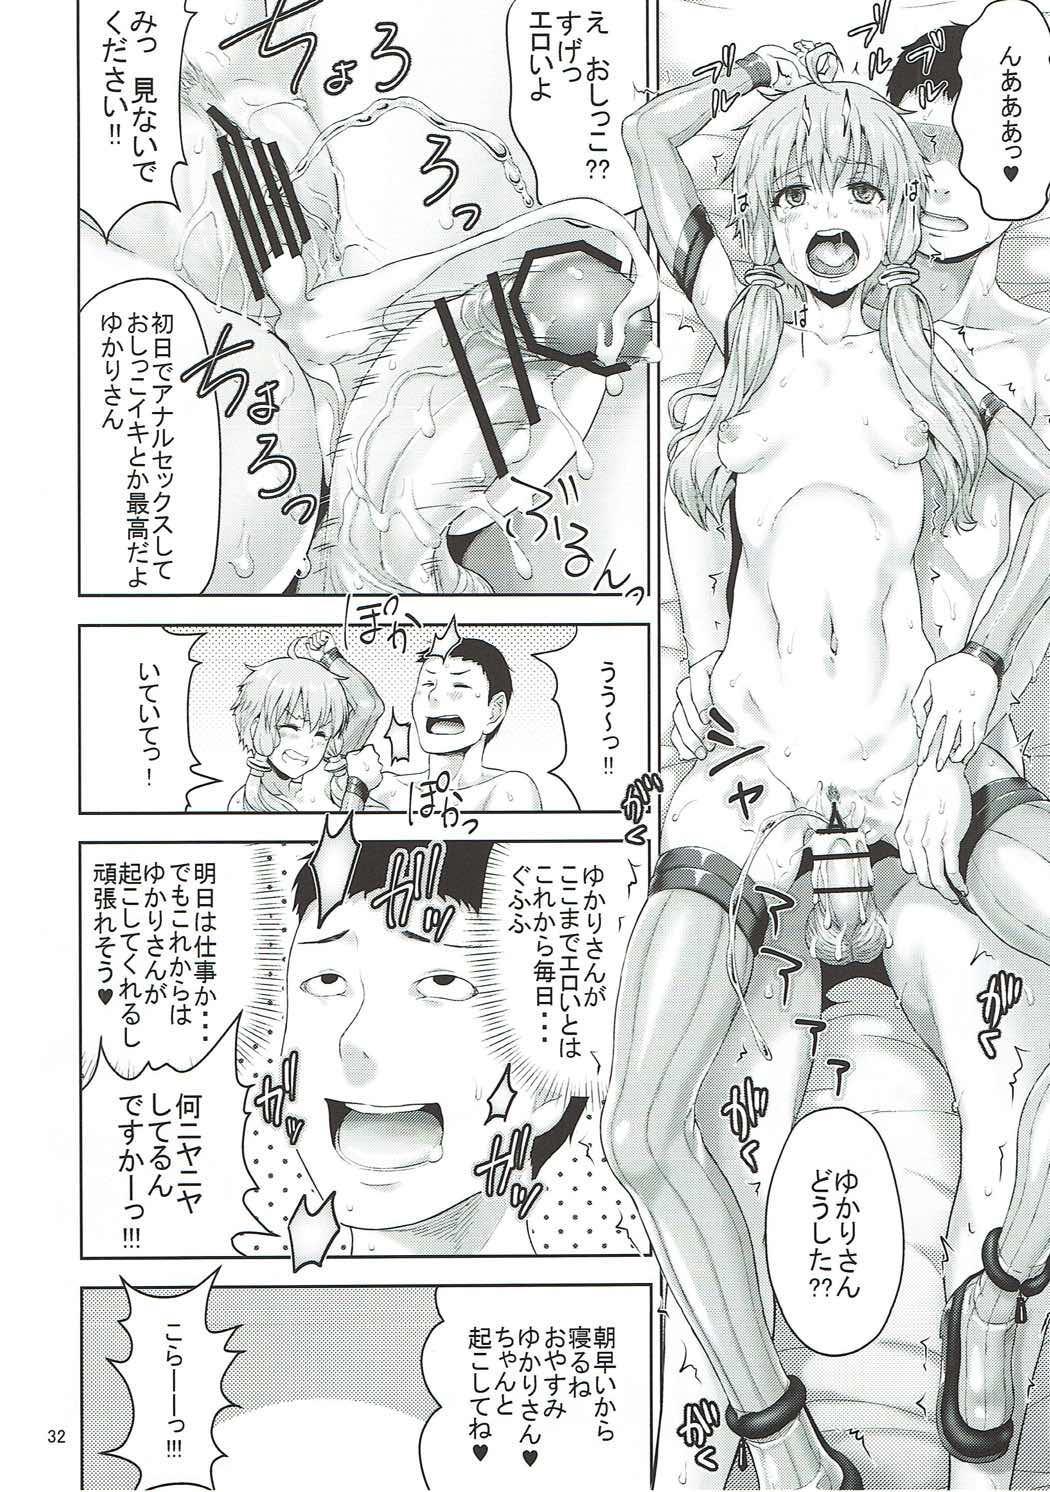 Yukari-san wa Zenzen Erokunai desu kara!!! 30